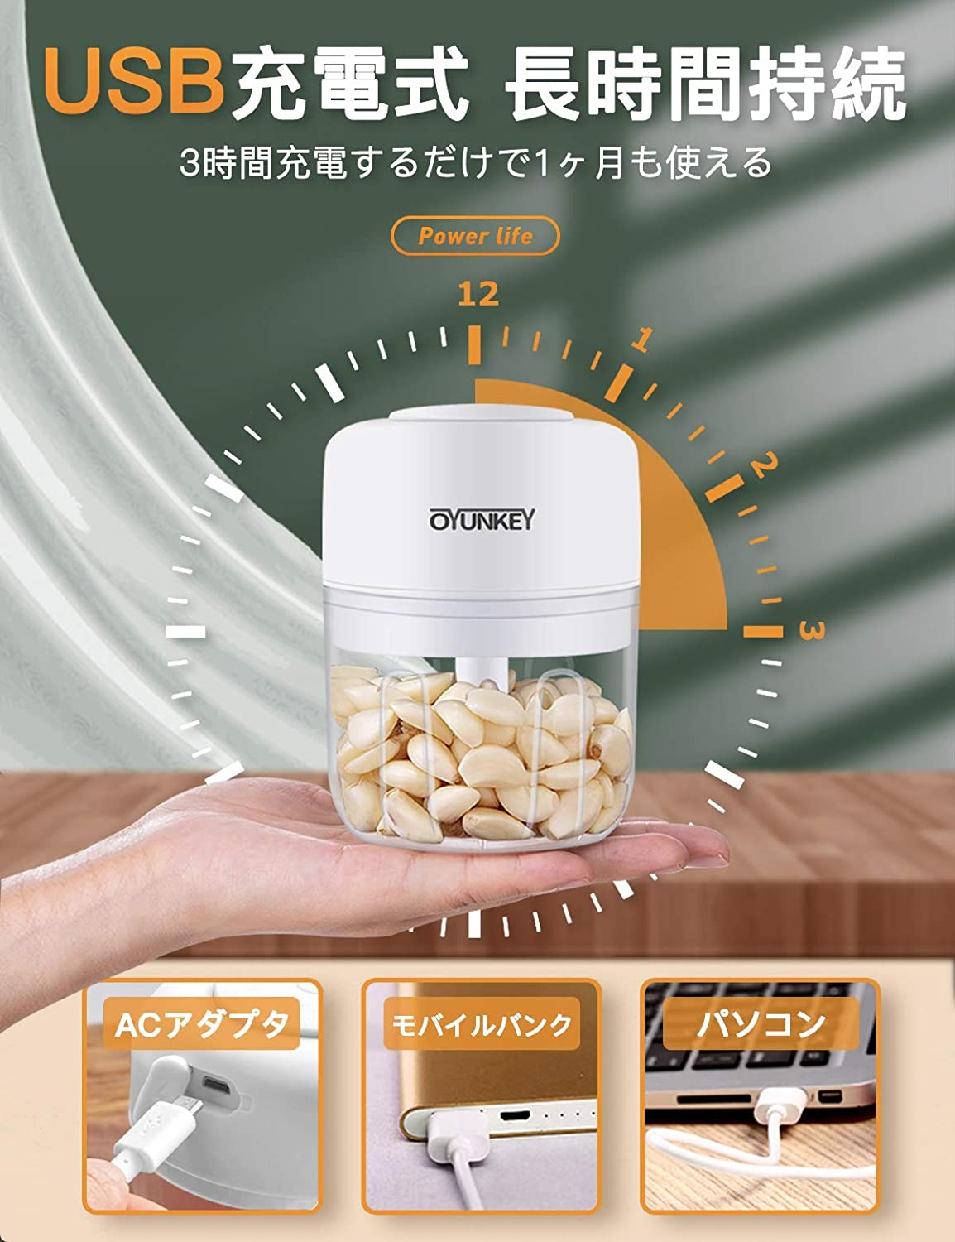 OYUNKEY(オーワイユーキー)みじん切り器 電動 チョッパーの商品画像8